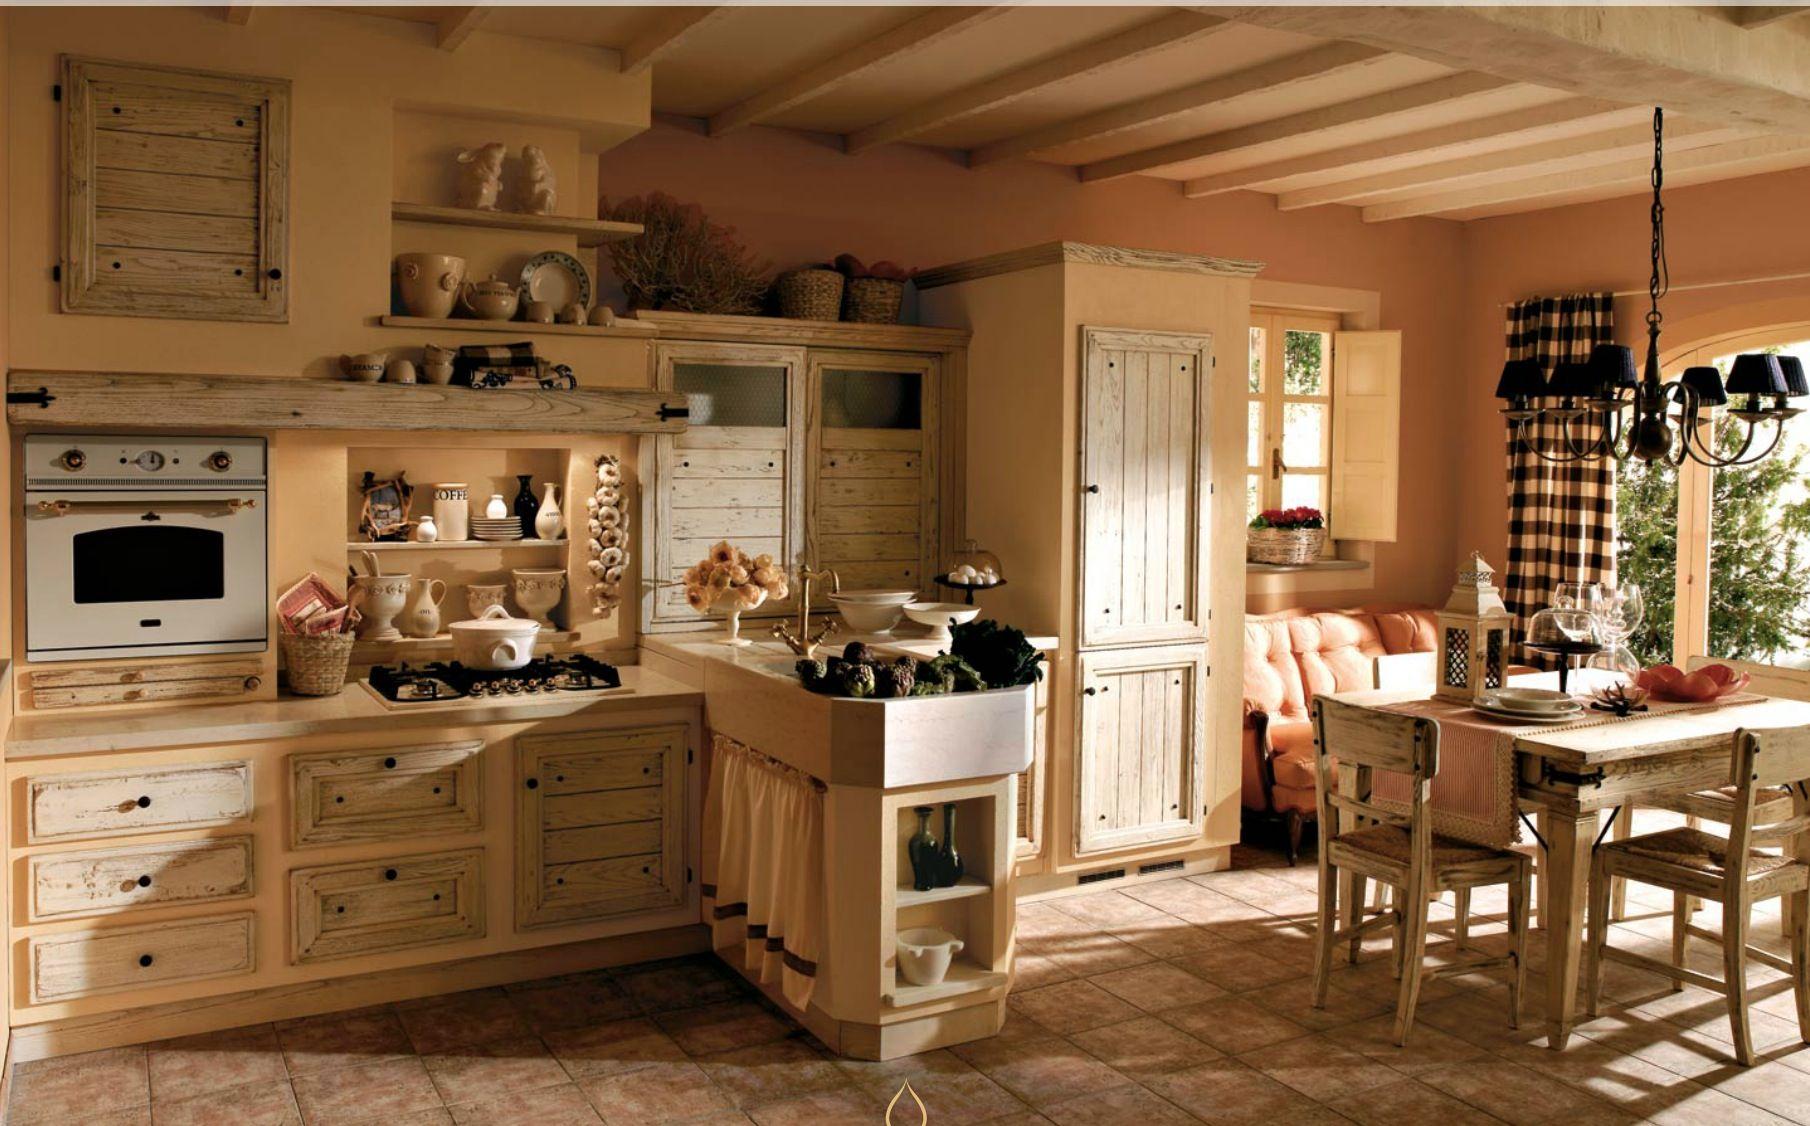 Cucina in muratura rustic kitchen pinterest shabby and cucina - Cucina in muratura ...